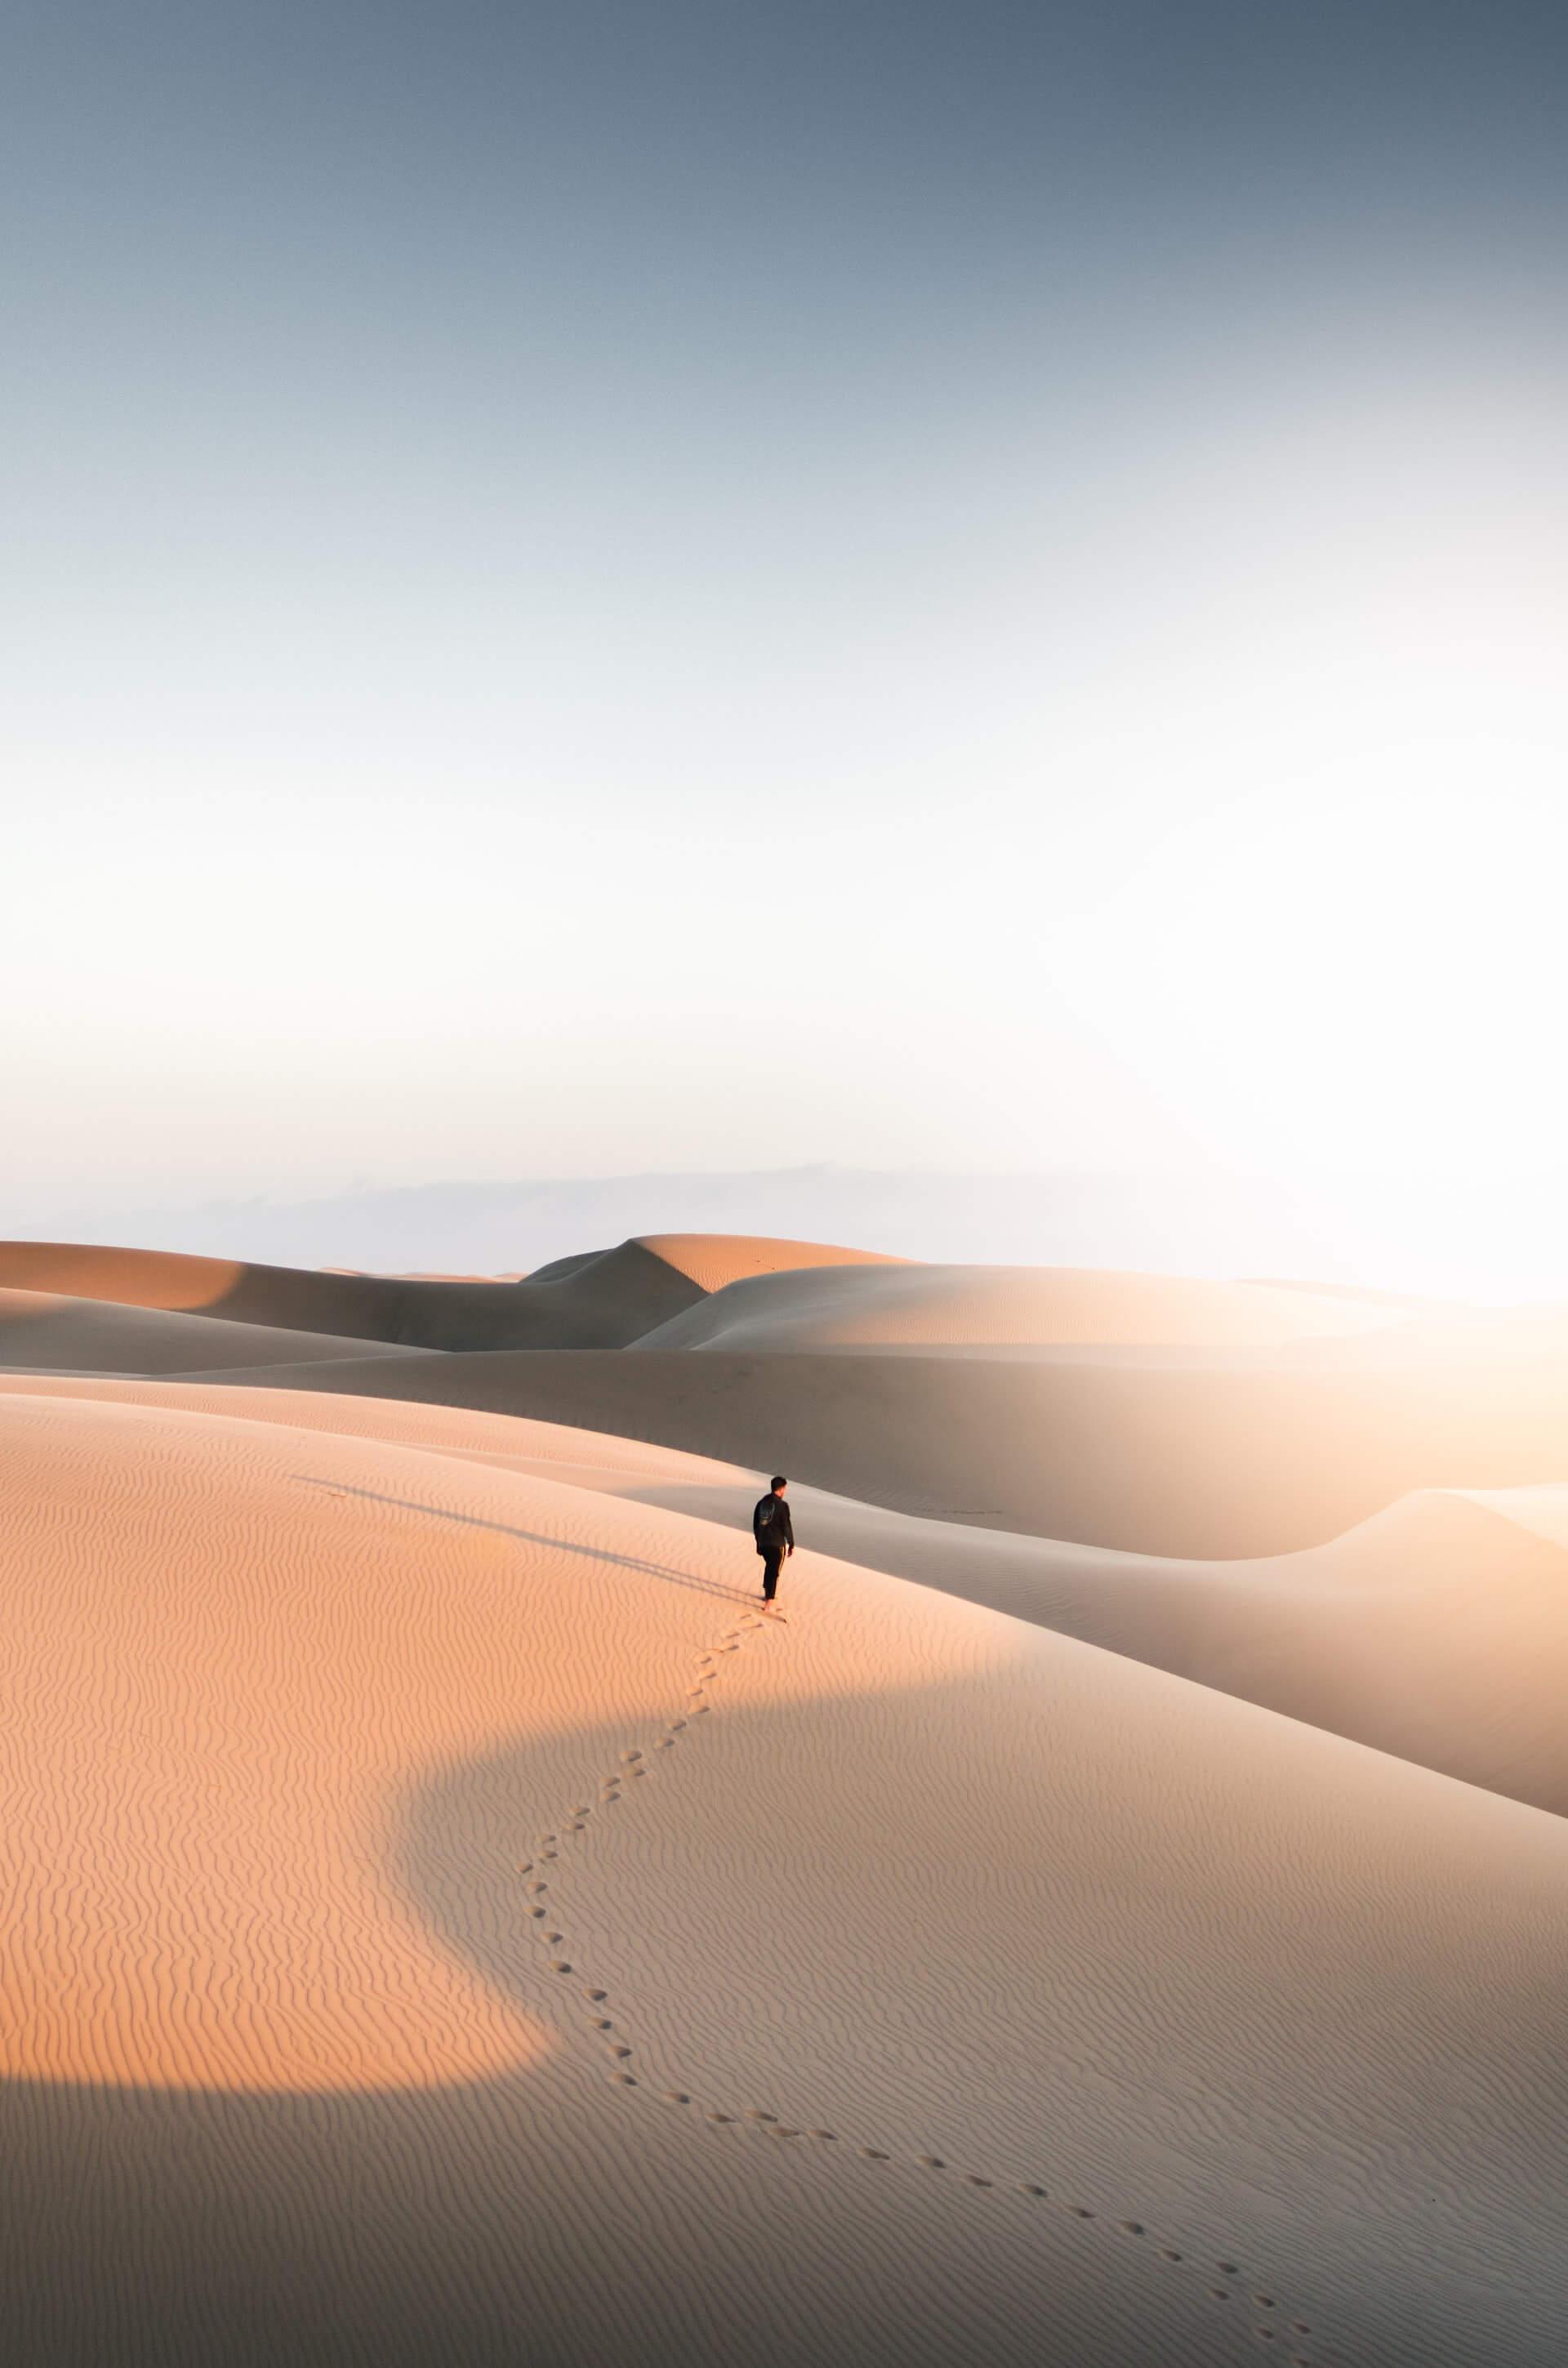 désert, seul, trahison, peine, histoire, amour